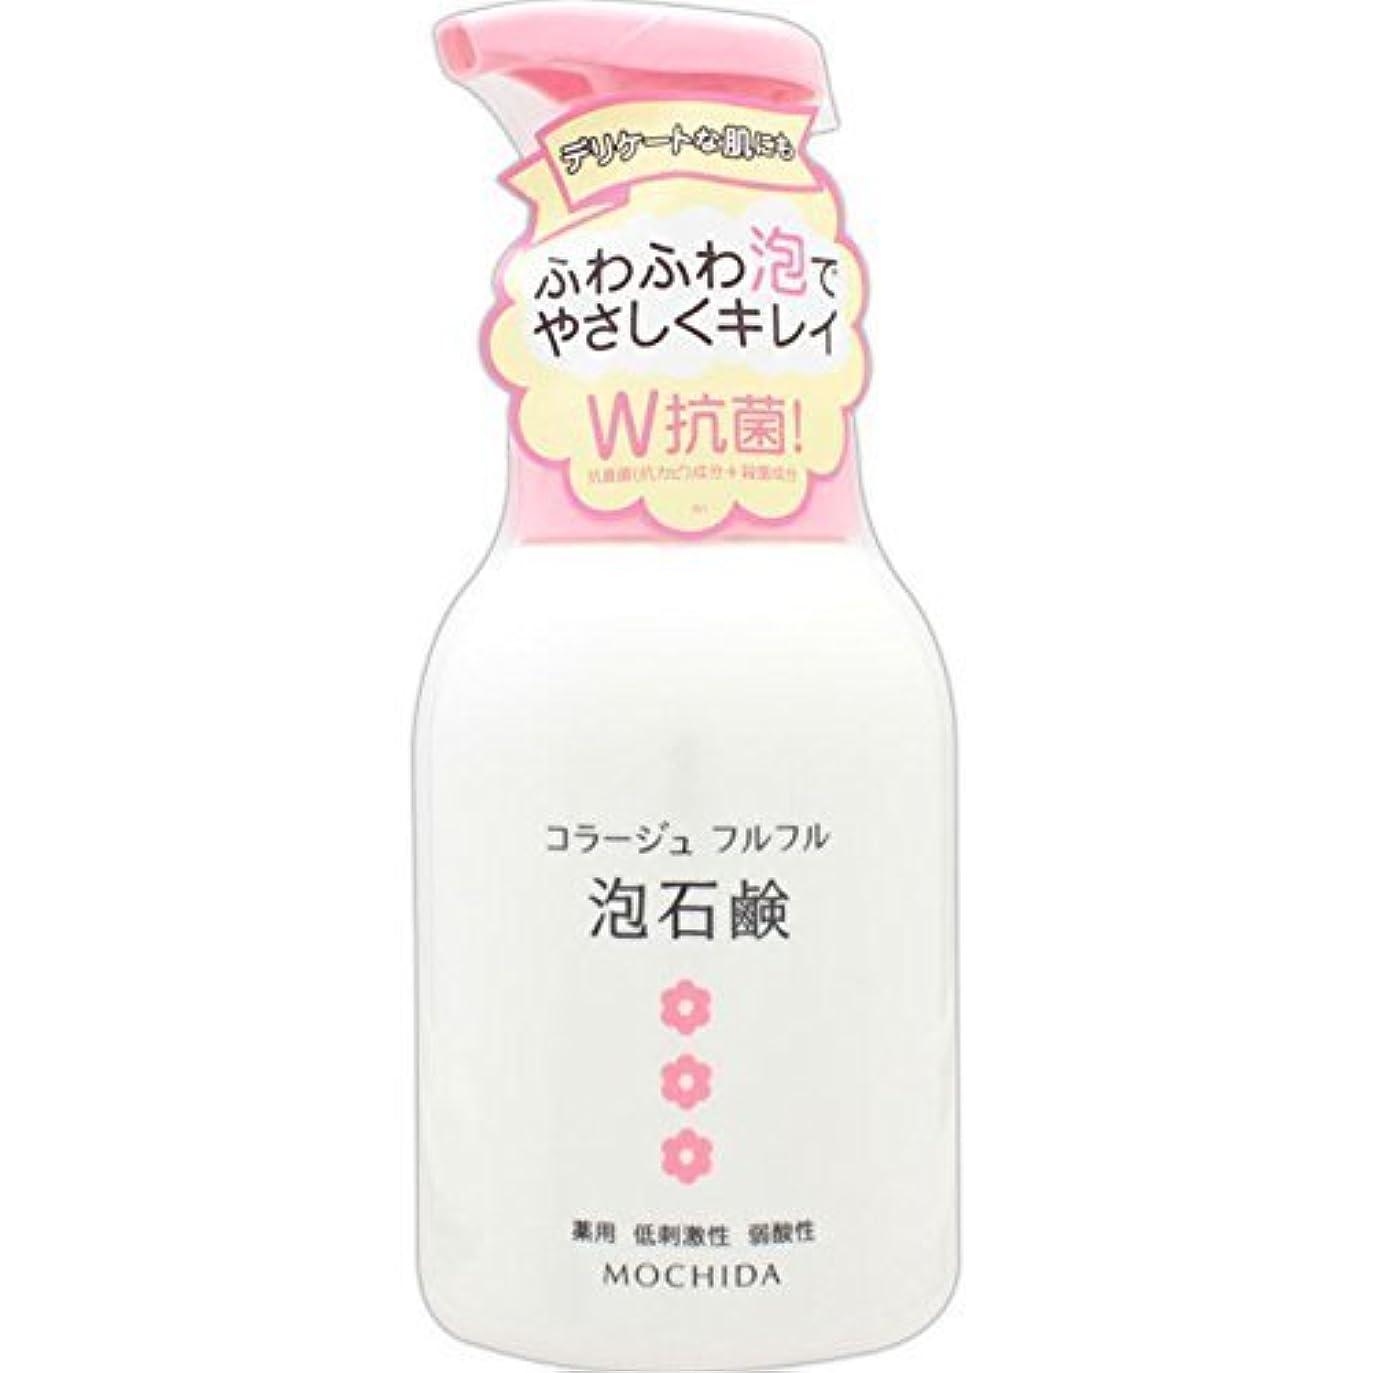 癌葉ヒロインコラージュフルフル 泡石鹸 ピンク 300m L (医薬部外品) ×8